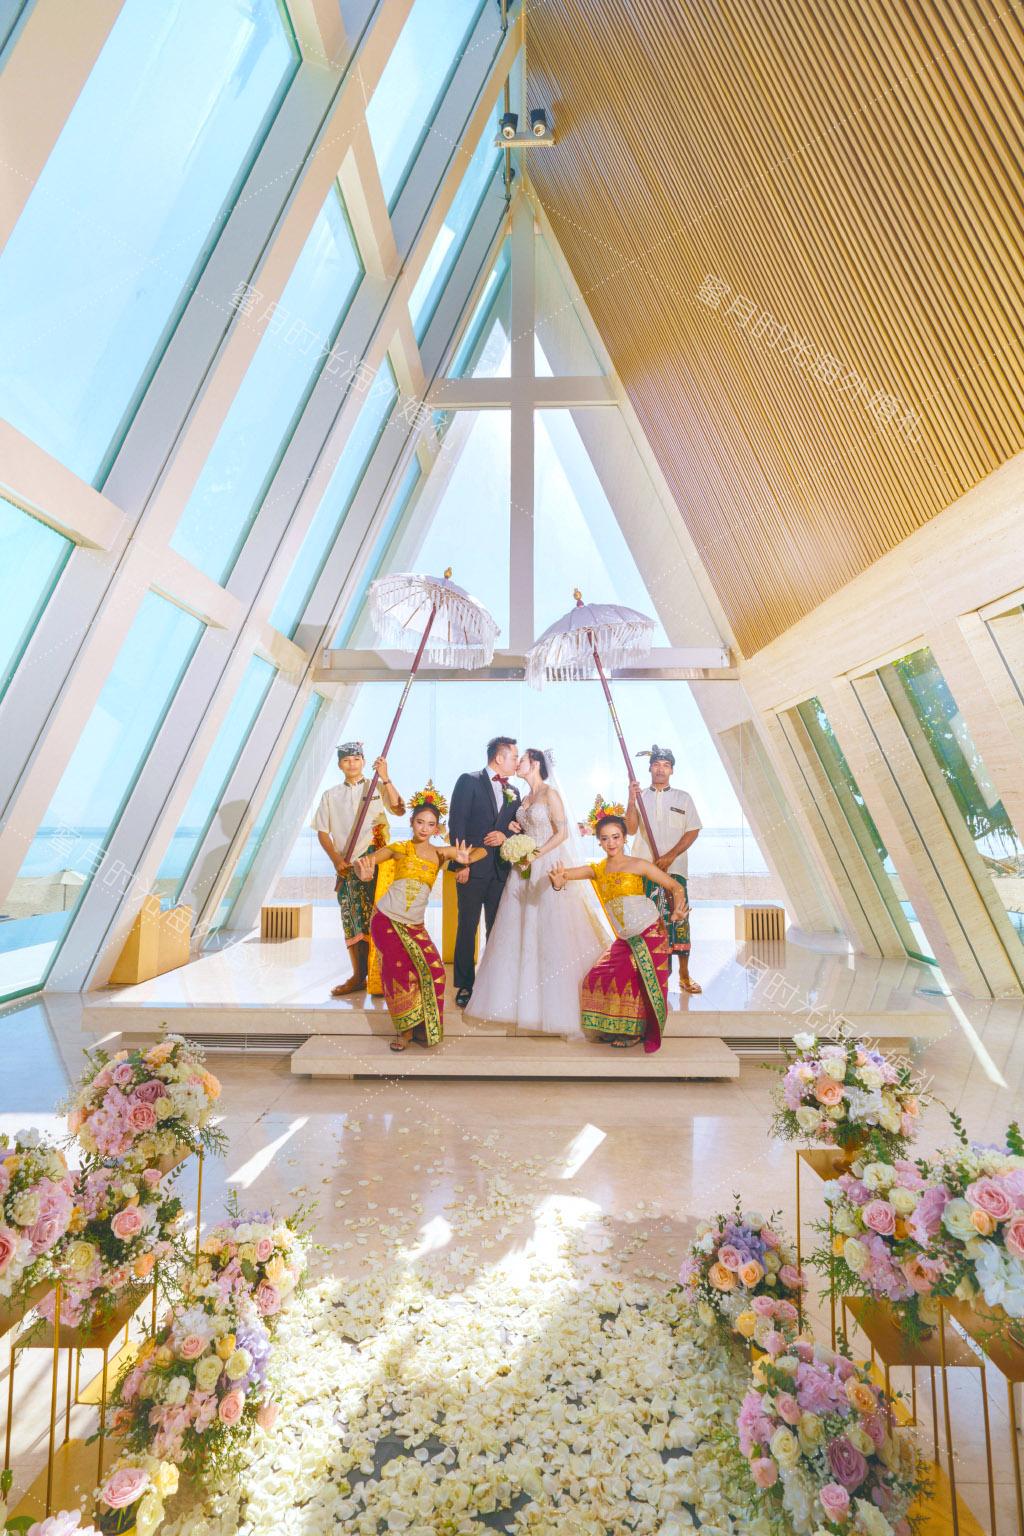 港丽无限教堂婚礼+升级布置|巴厘岛港丽教堂婚礼特别的花童和伞童_伞童是真的有举伞的哦___|海外婚礼